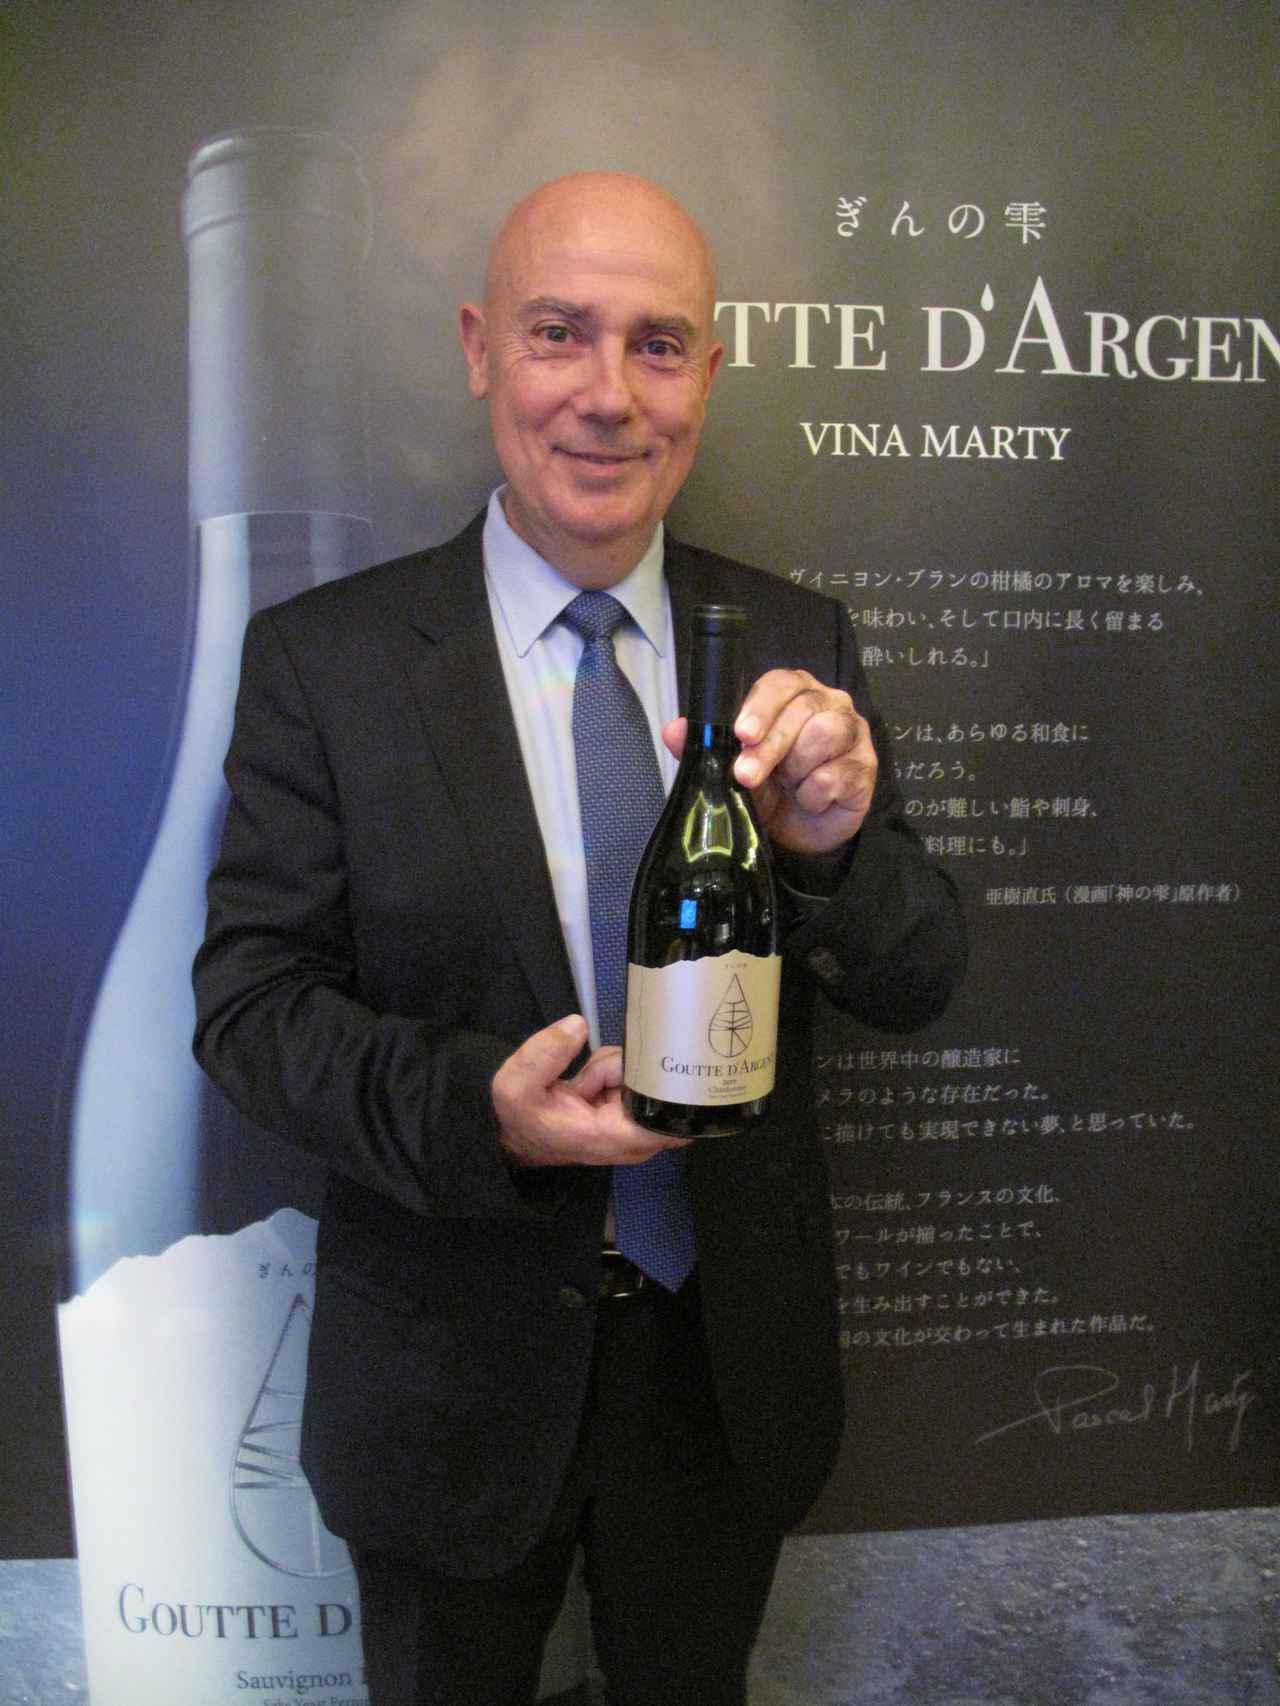 画像1: 日本酒酵母を使用したワインが登場